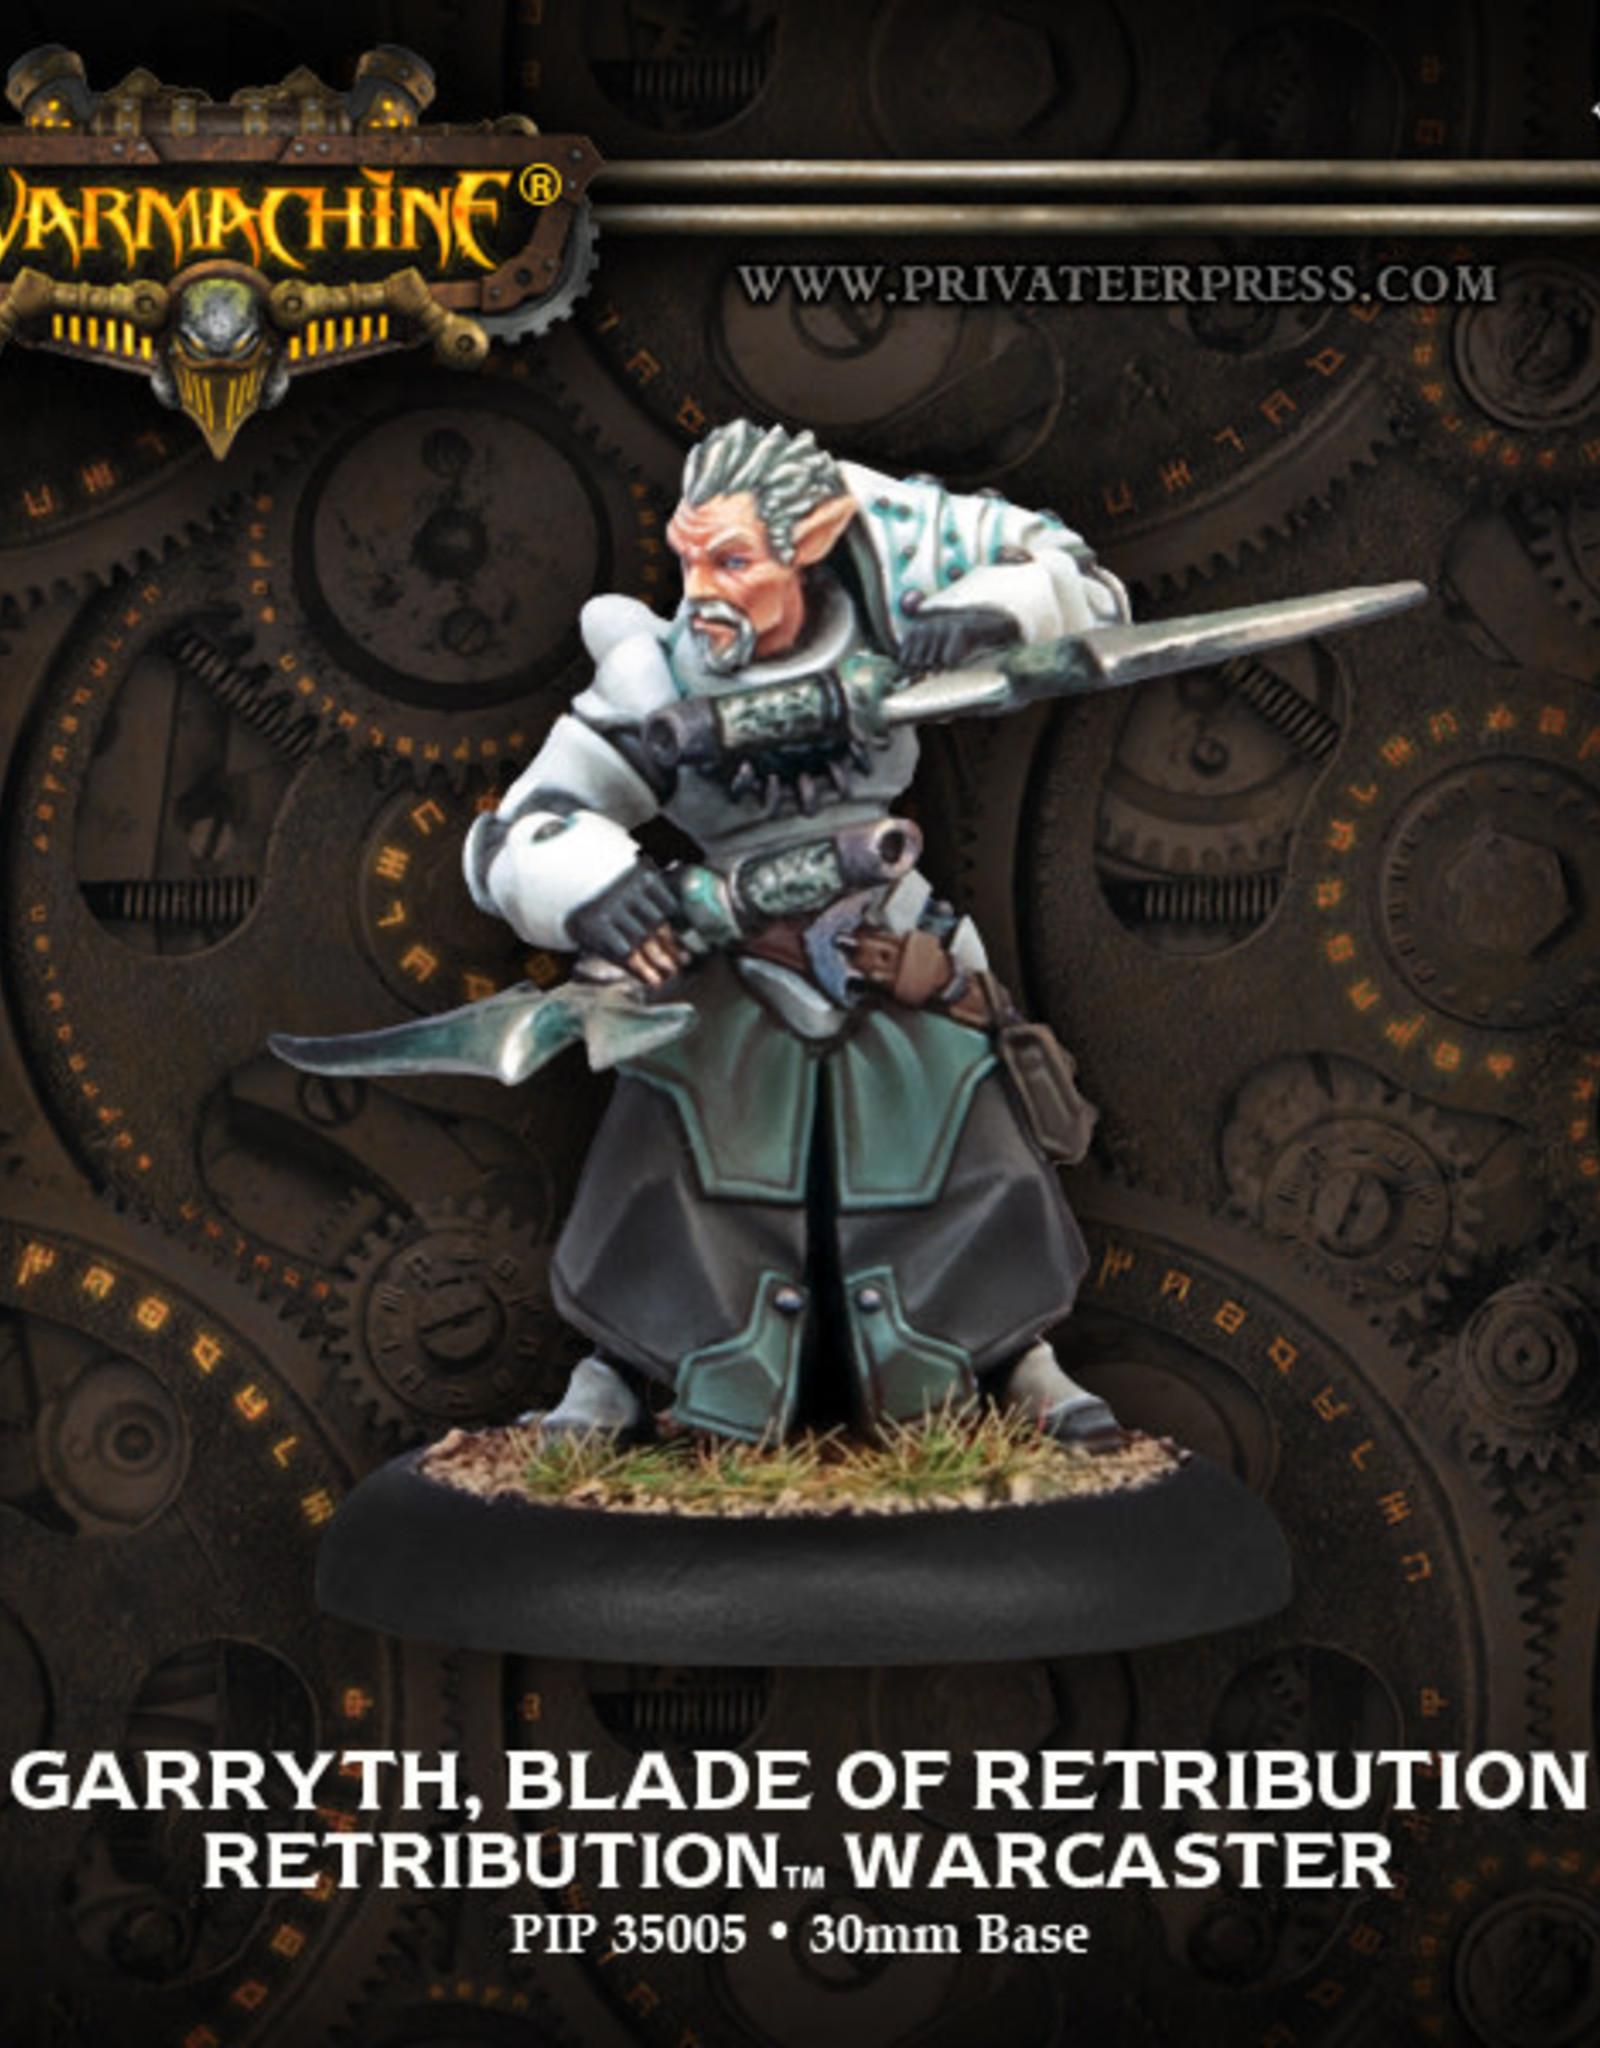 Warmachine Scyrah - Garryth